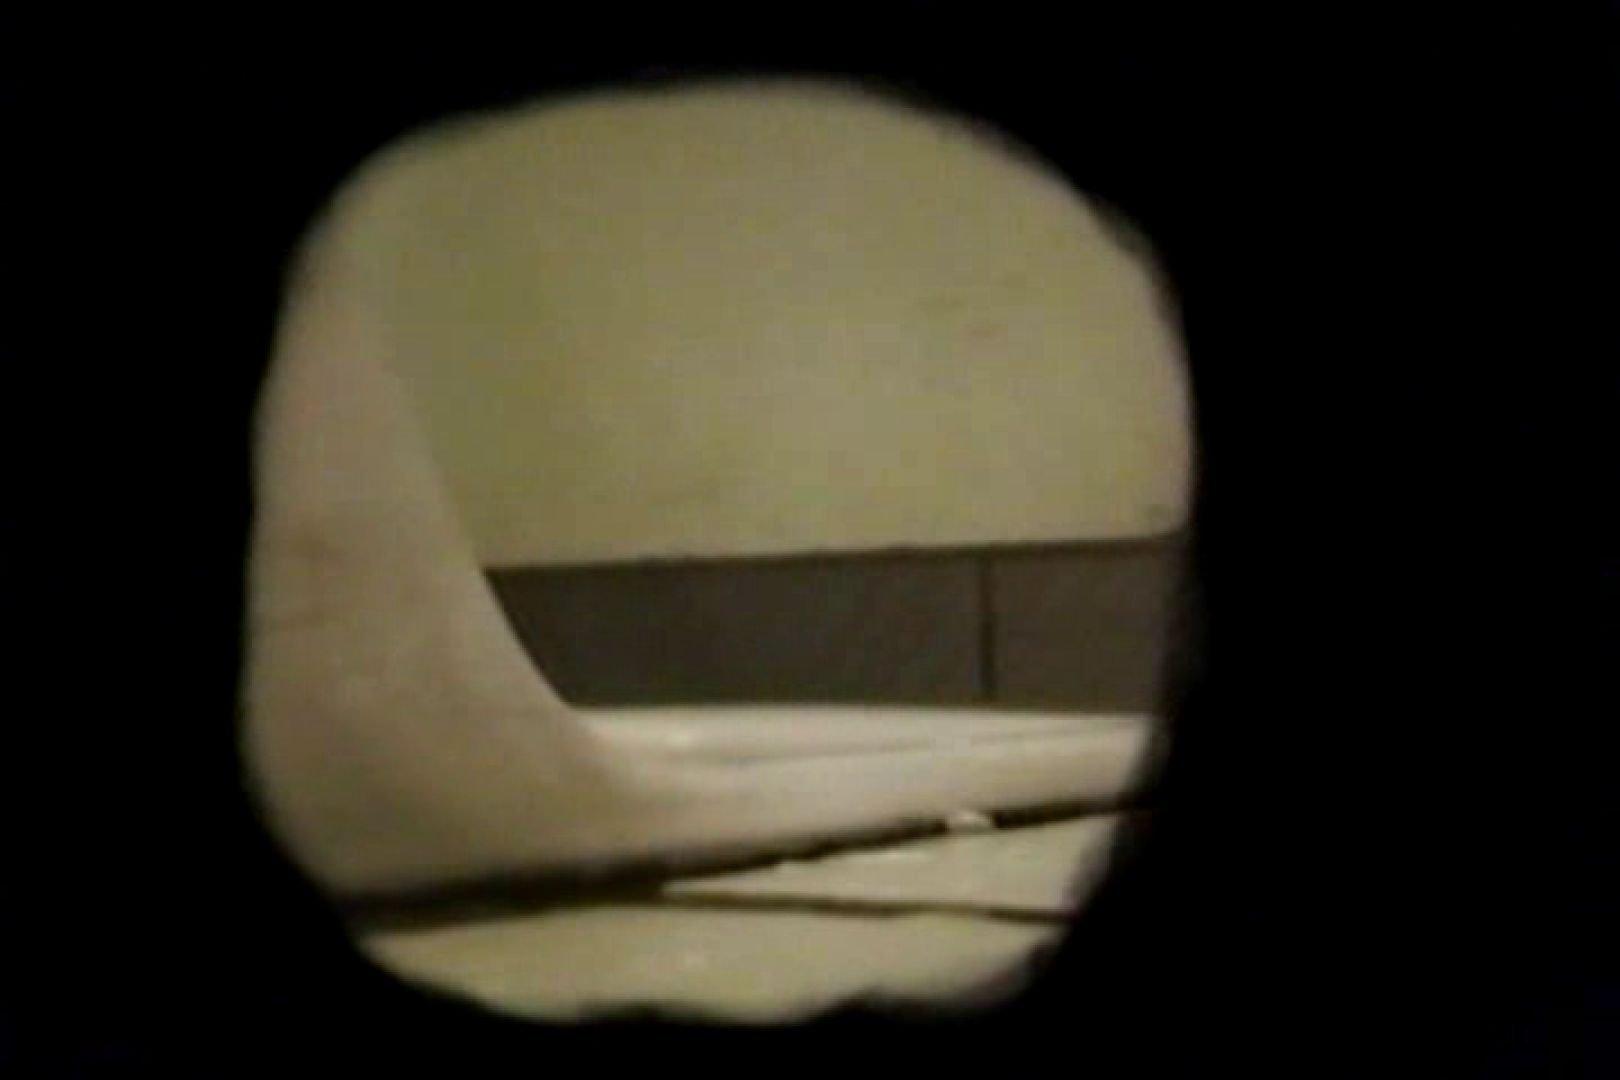 盗撮 女子洗面所3ヶ所入ってしゃがんで音出して プライベート | 和式  67pic 29